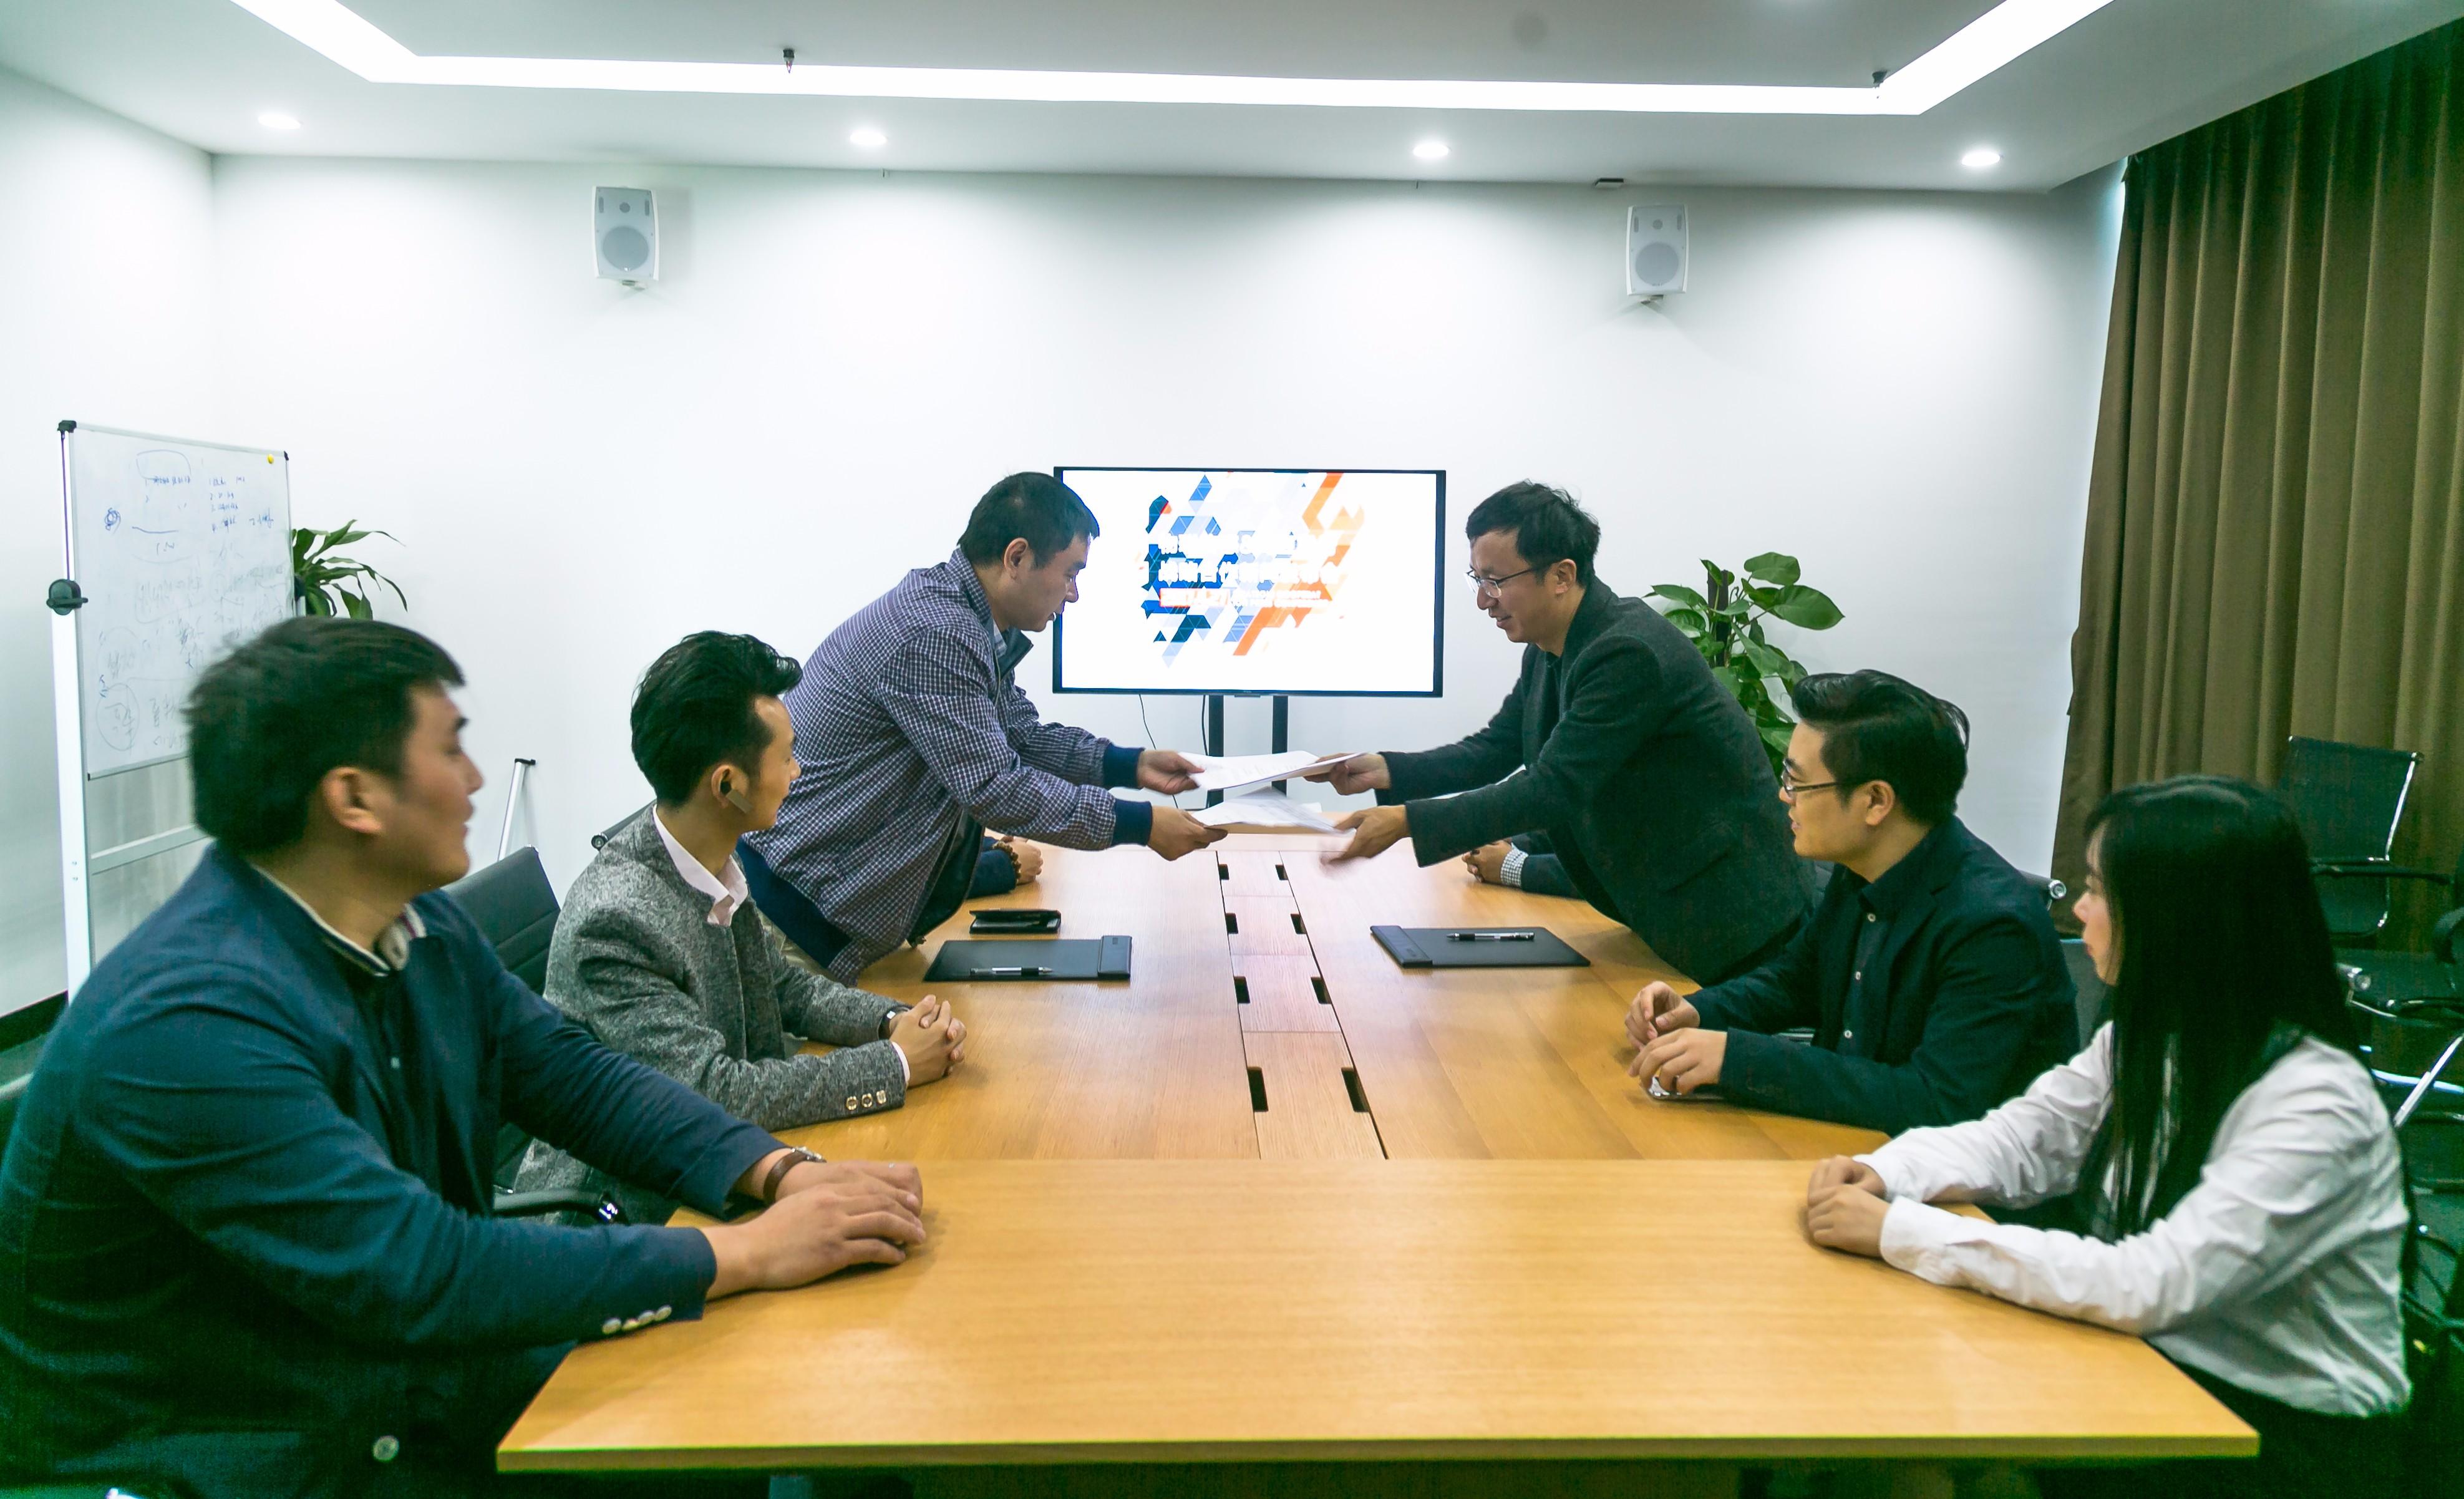 奇豆股份与南京物联达成战略合作 引领智能家居新时代1.jpg